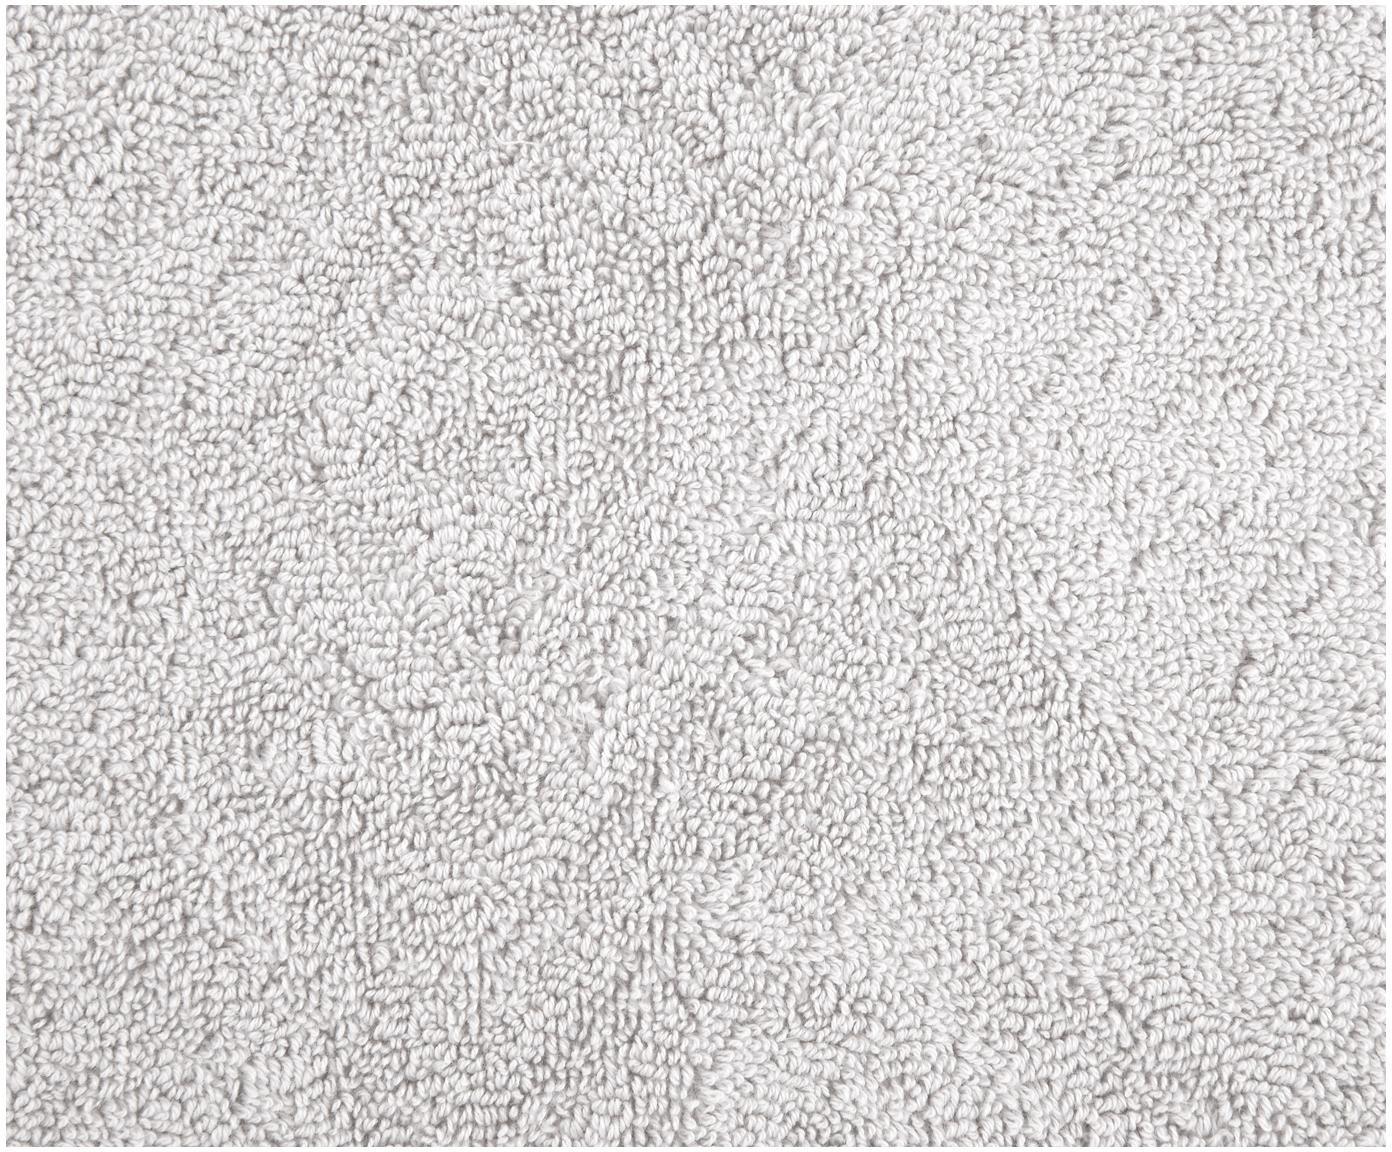 Handdoekenset Jacqui, 3-delig, 100% katoen, middelzware kwaliteit, 490 g/m², Lichtgrijs, Verschillende formaten